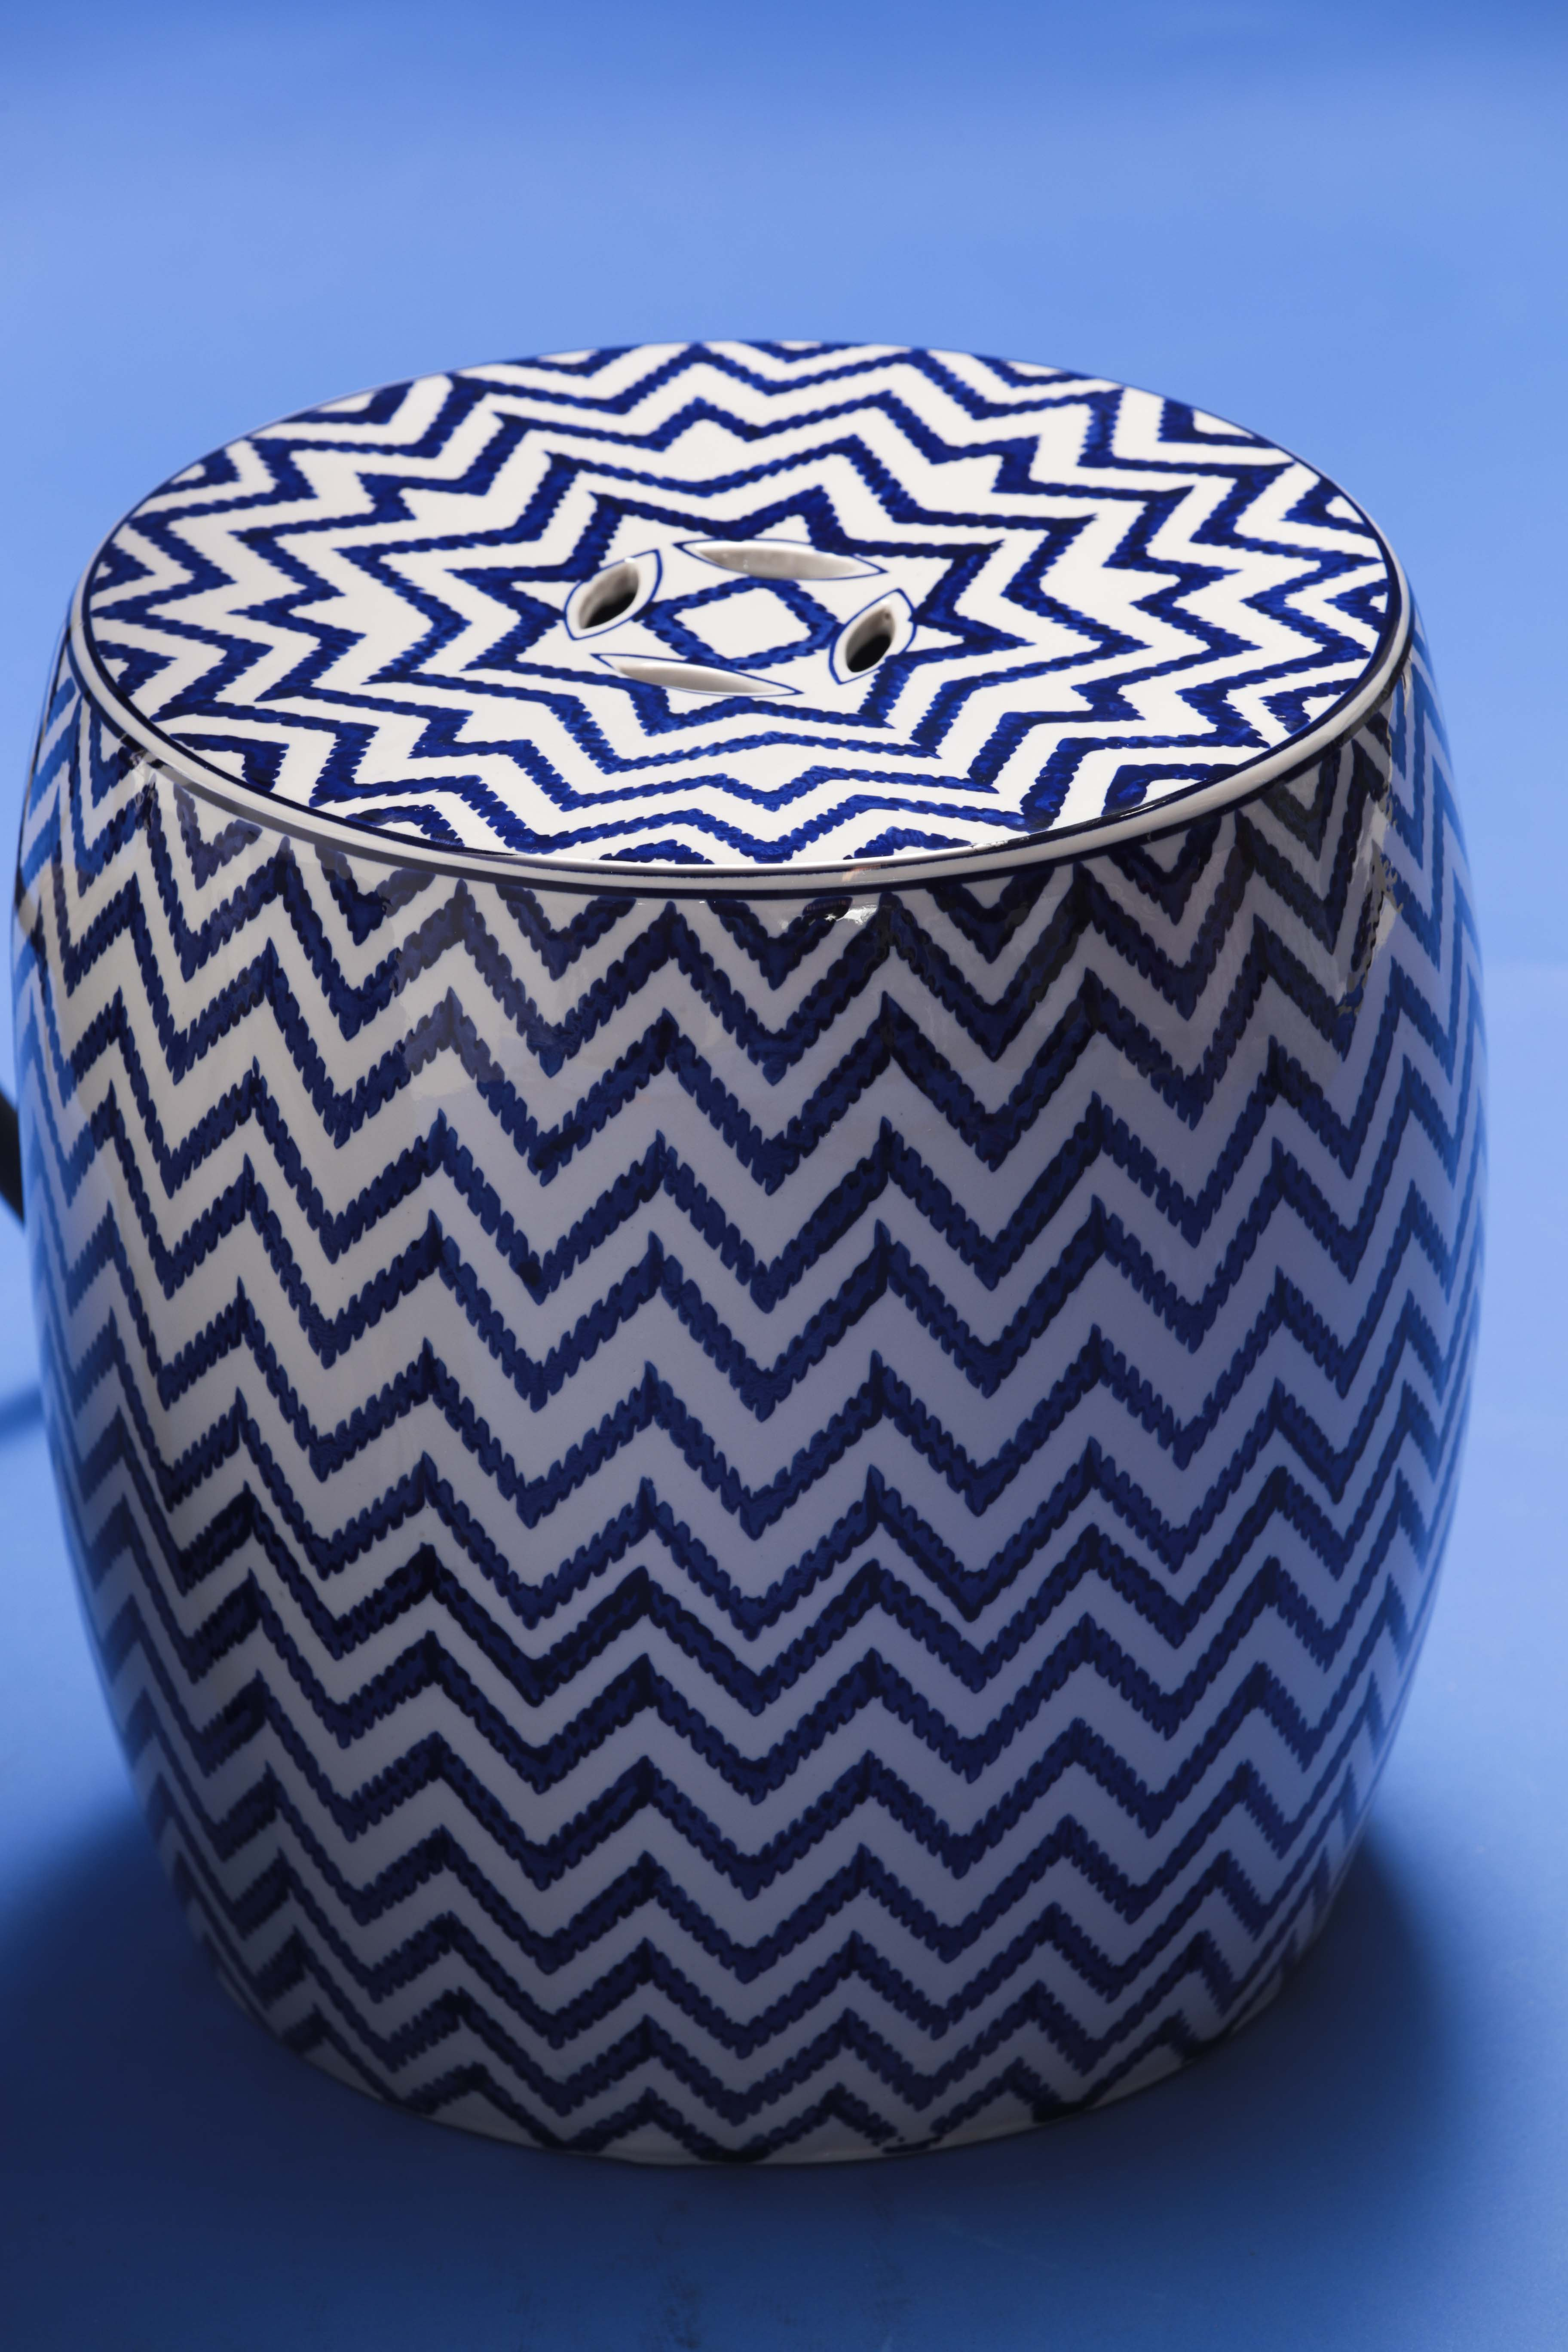 Banquillo de jardín en cerámica con diseño en zig-zag, de Aliss (Foto Wanda Liz Vega)